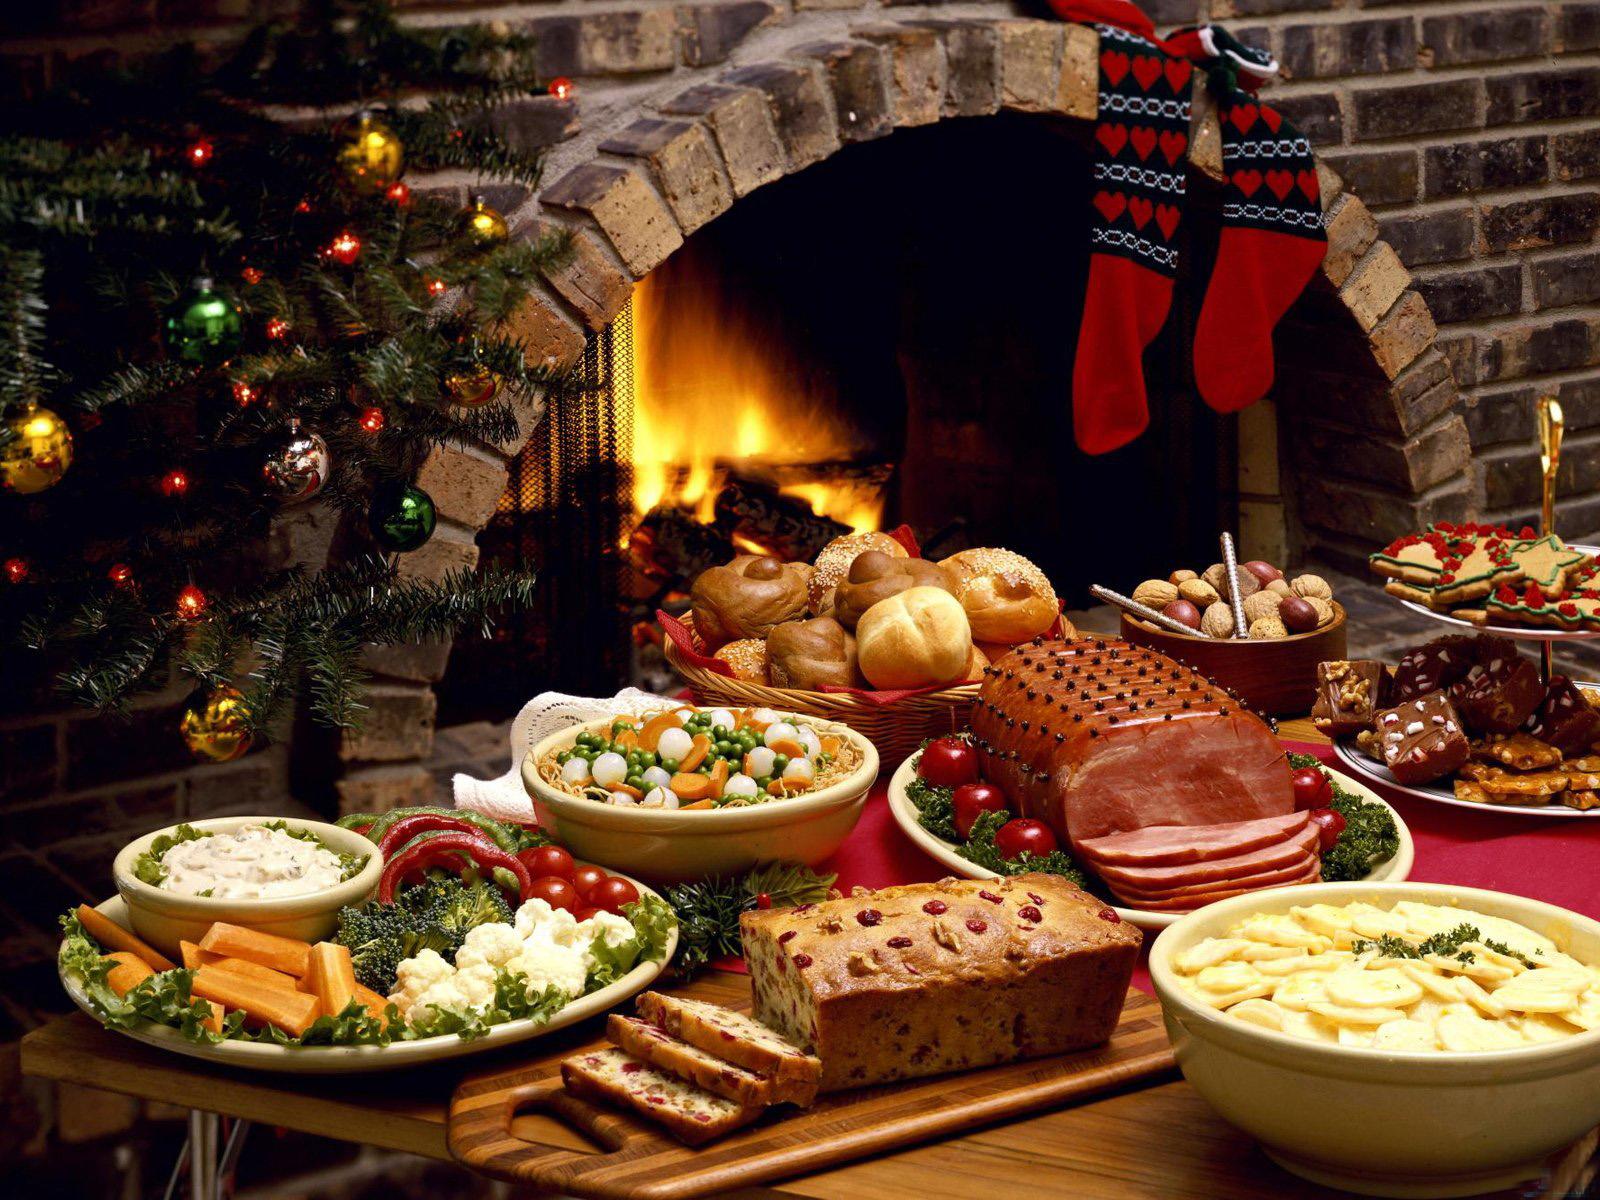 Como Decorar Una Carniceria En Navidad.Recetas Para Chuparse Los Dedos Esta Navidad